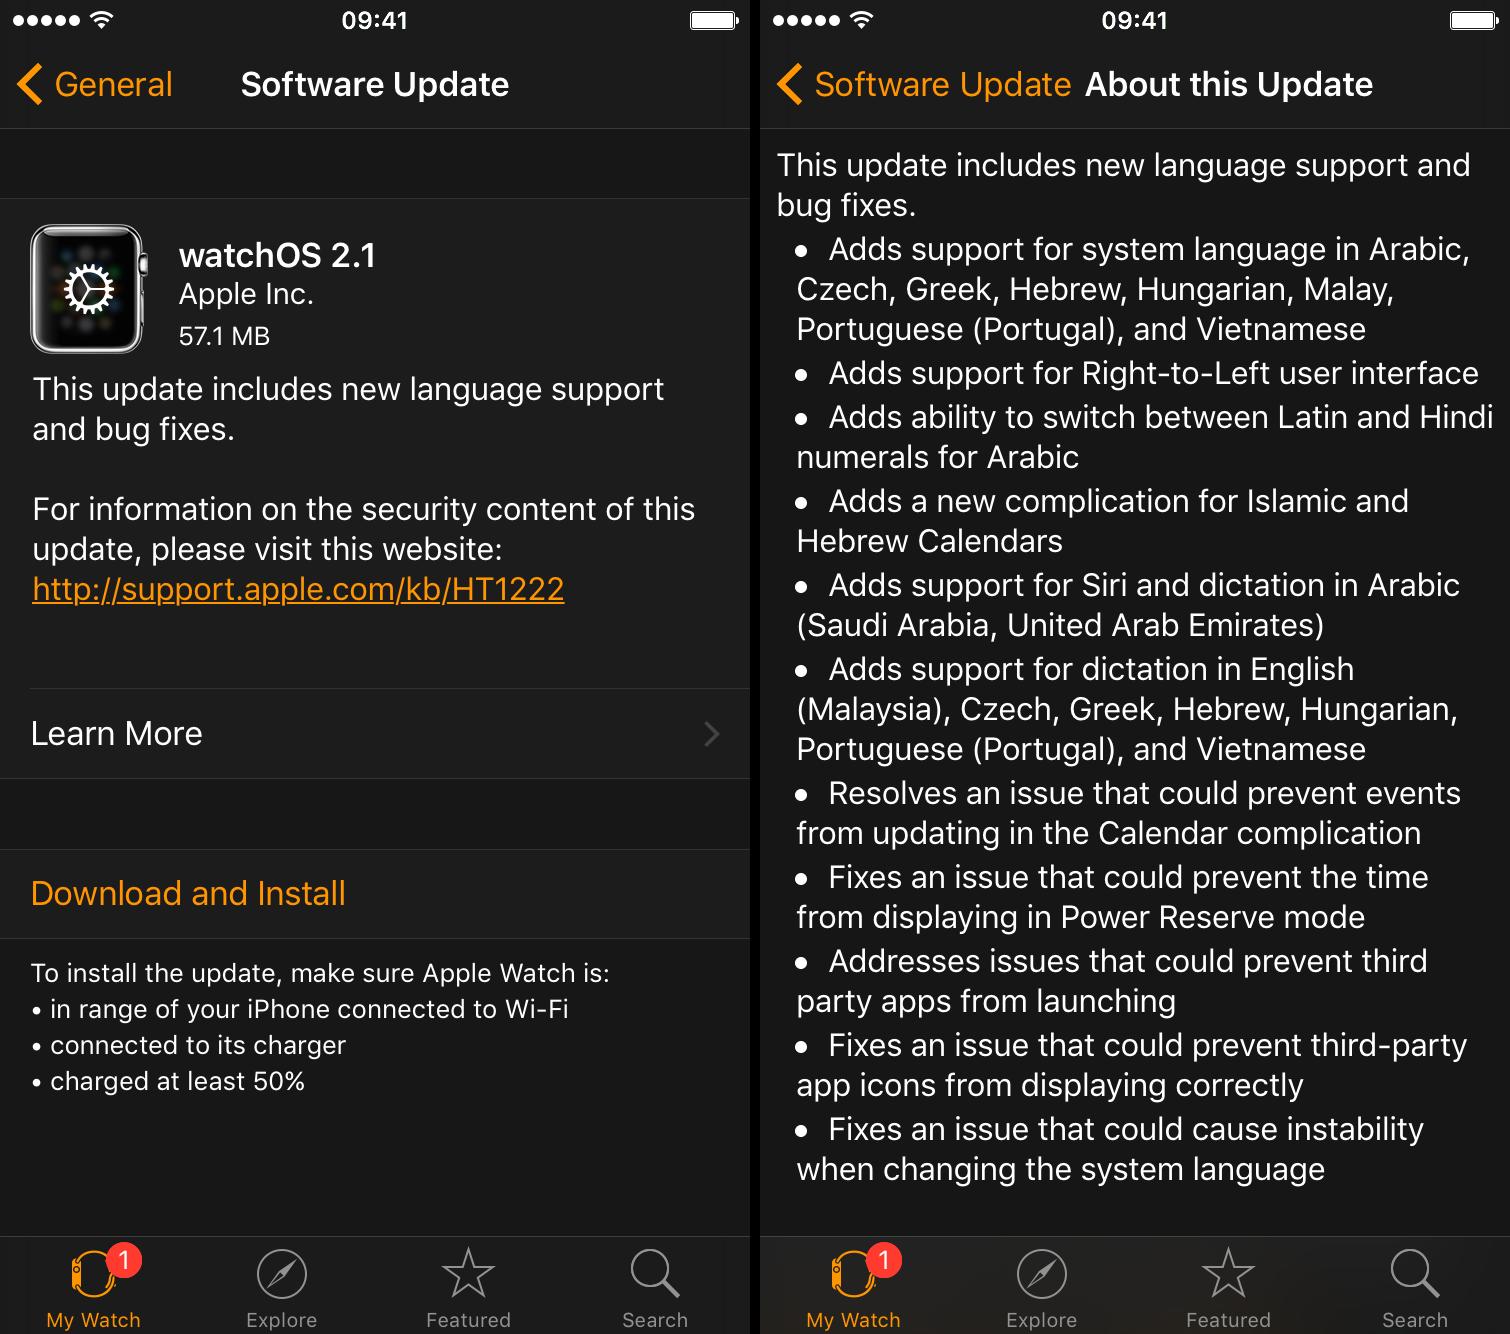 watchOS 2.1 updated prompt